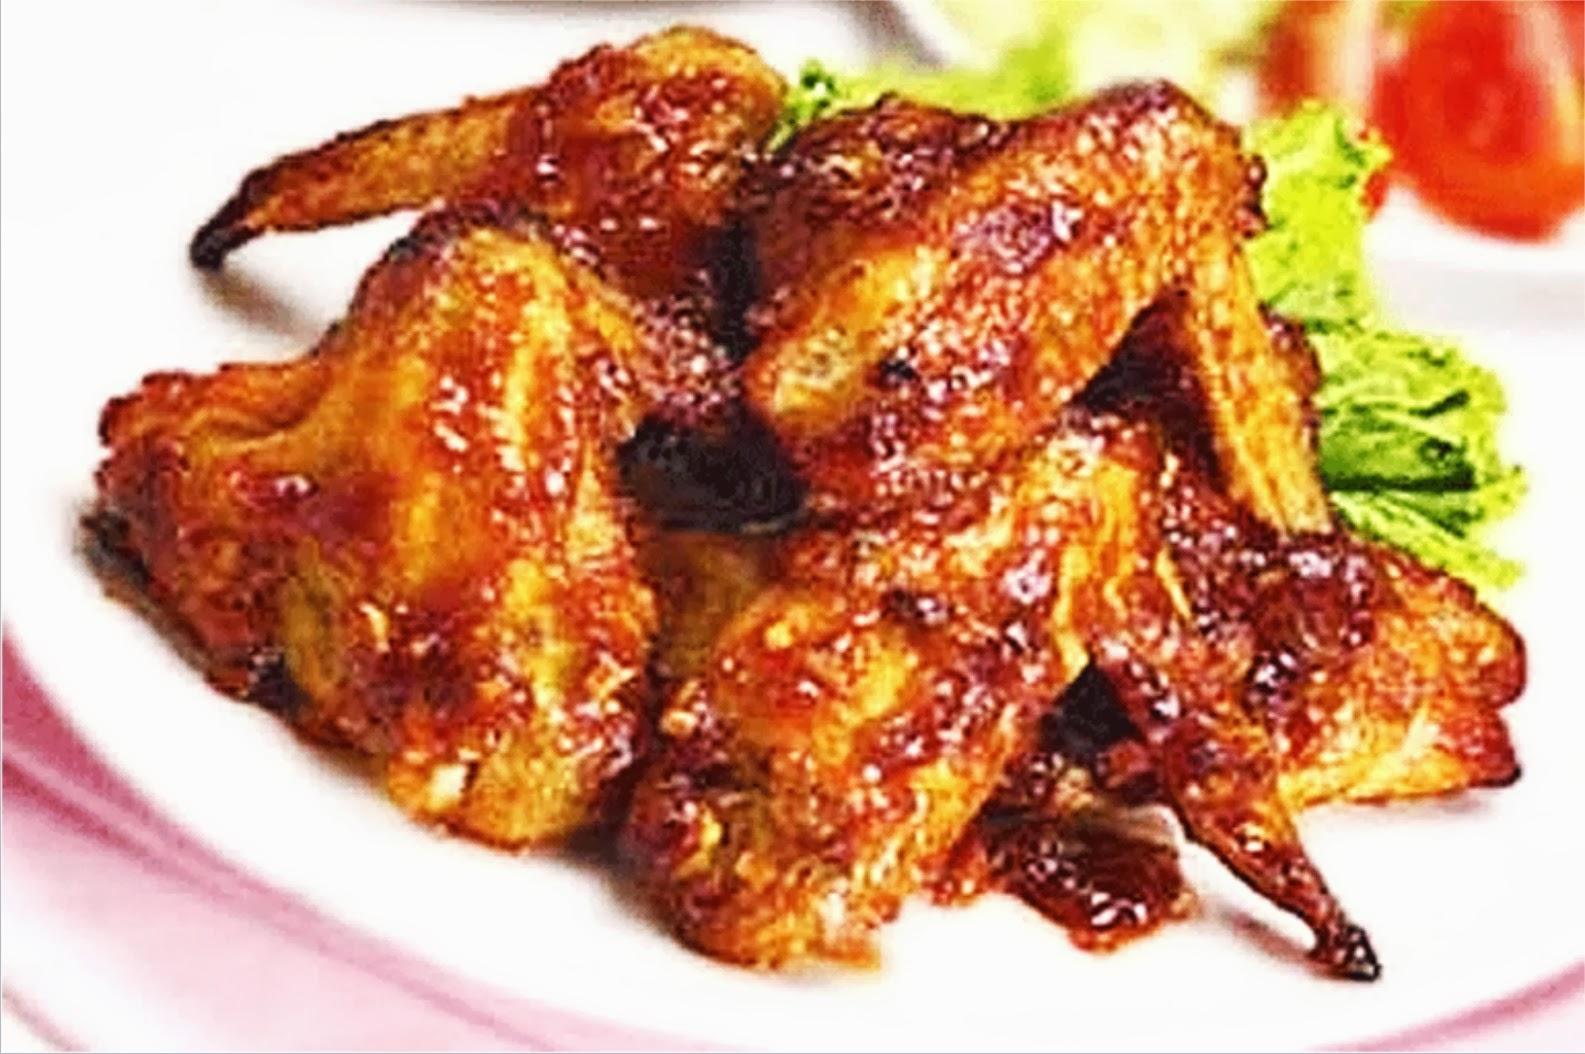 resep dan cara membuat ayam bakar sambel mercon   neodamail